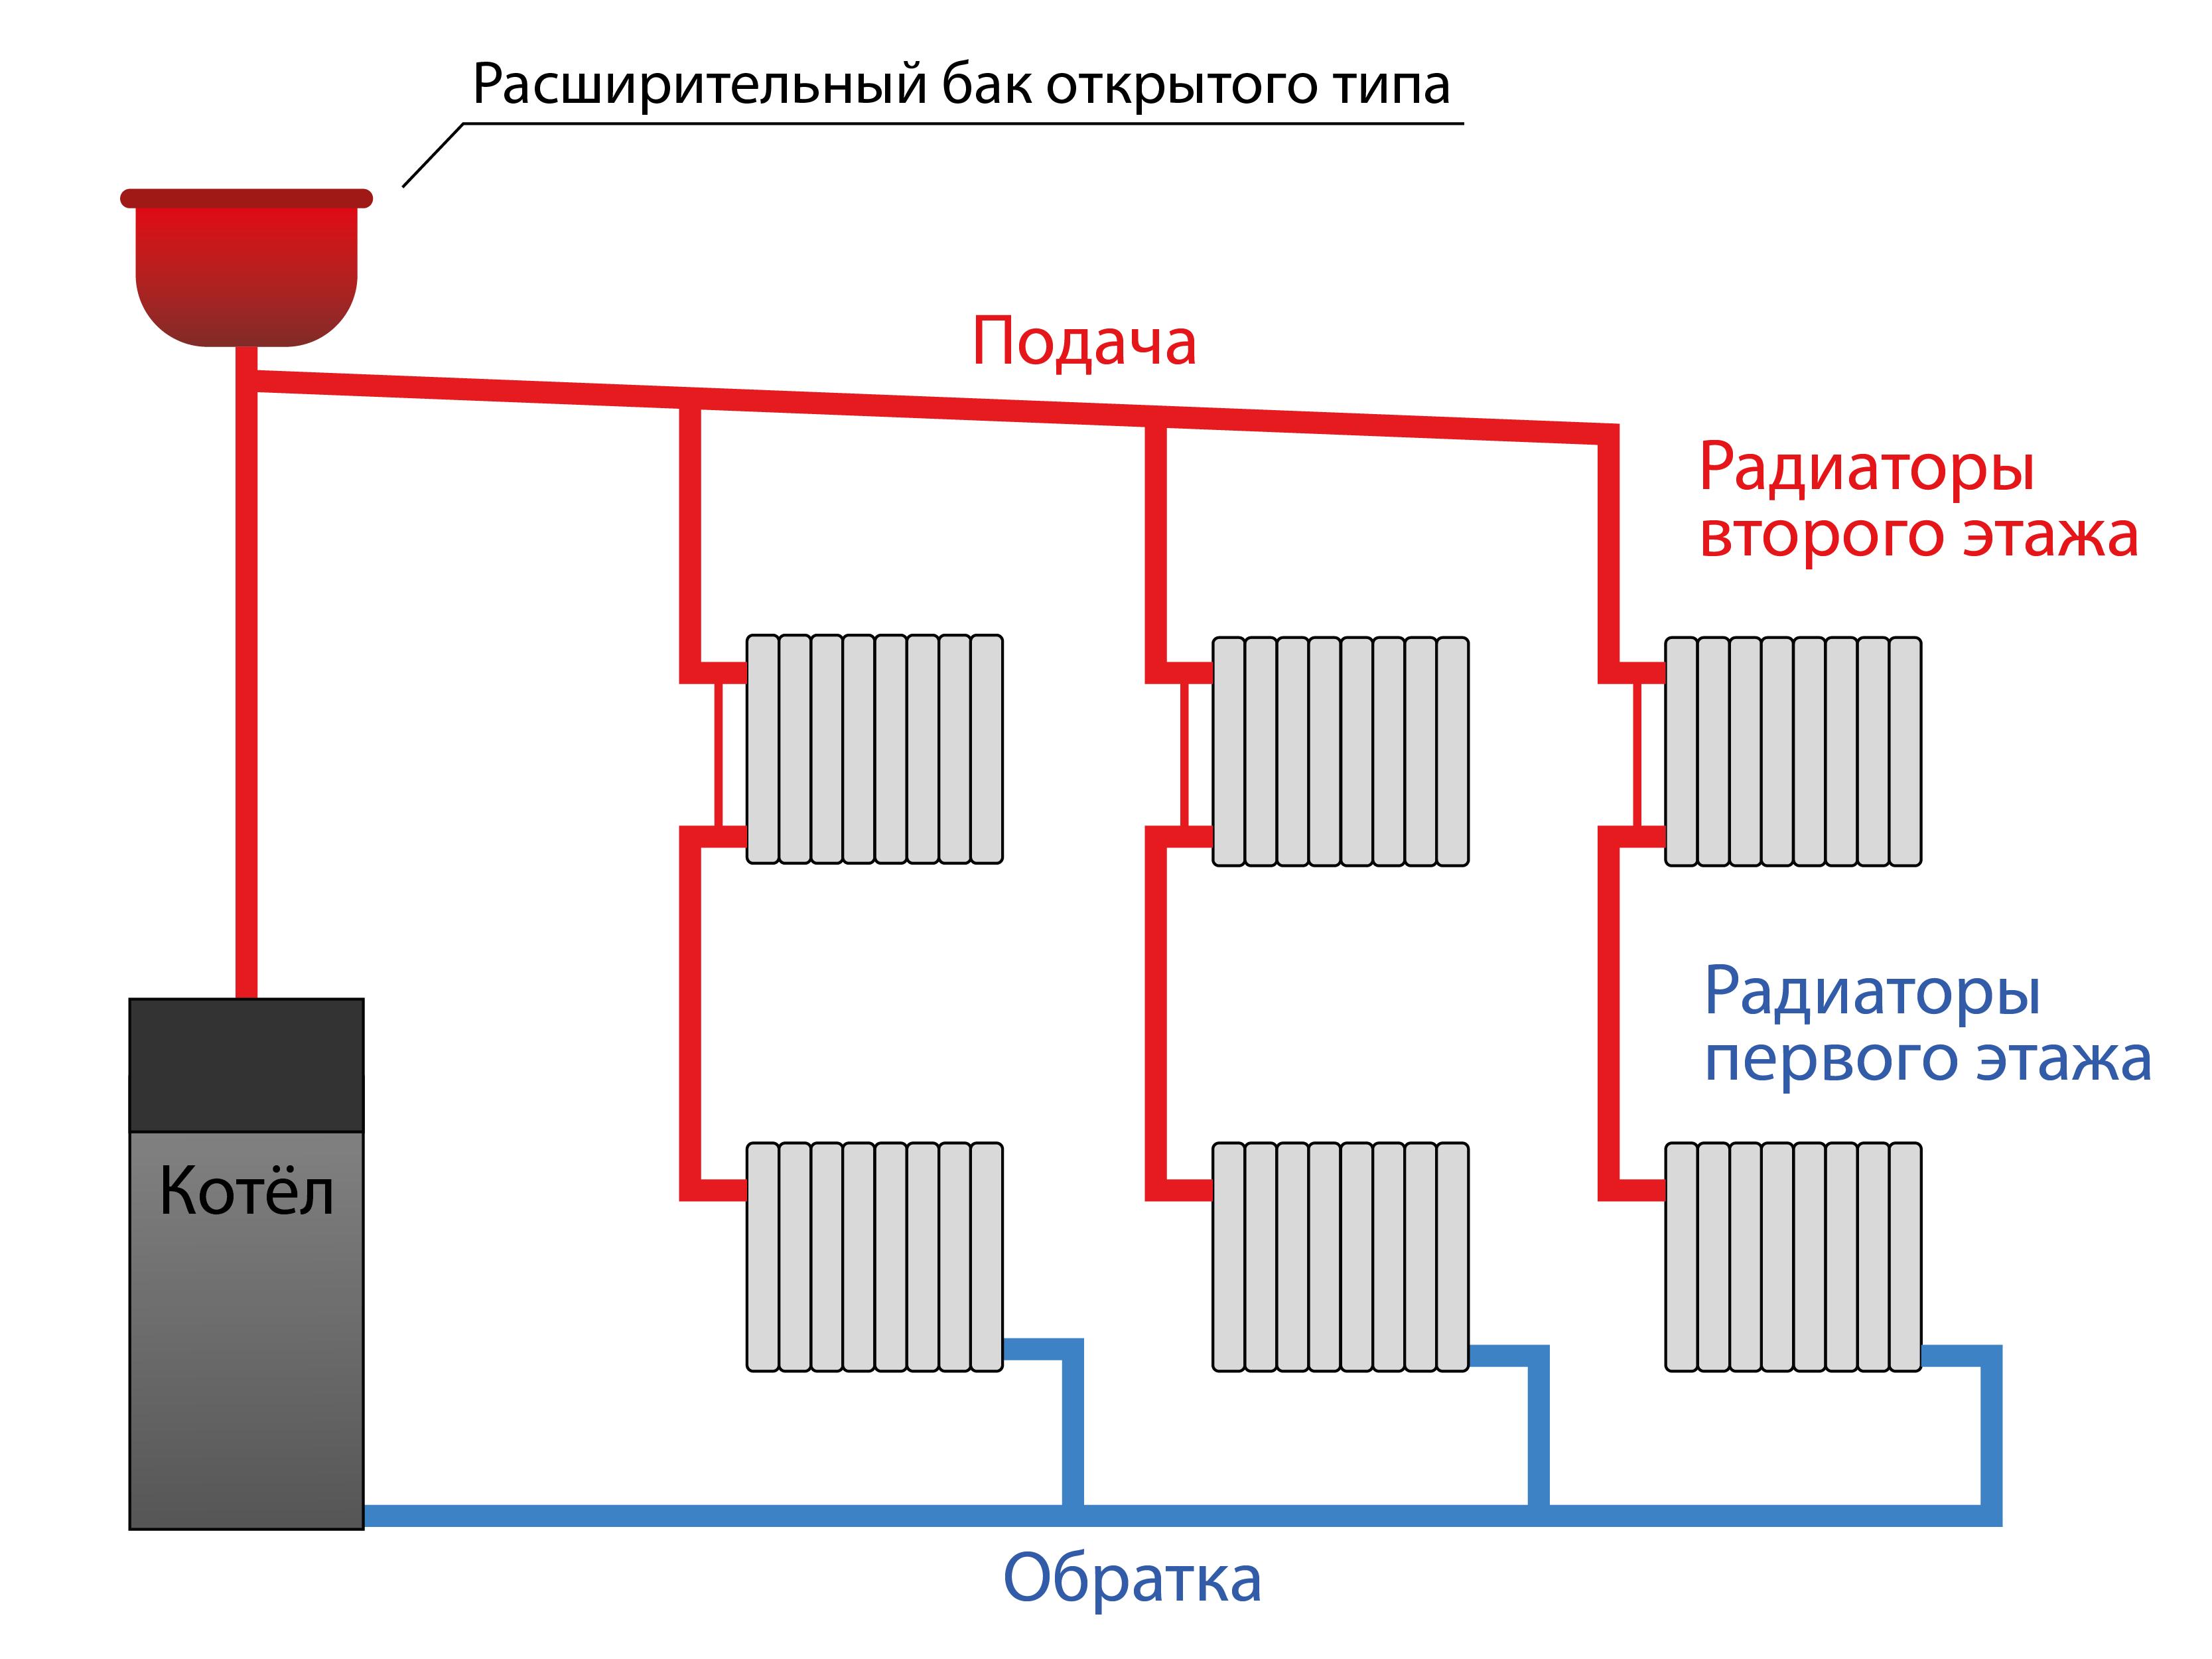 Схема отопления Ленинградка в двухэтажном доме с баком открытого типа